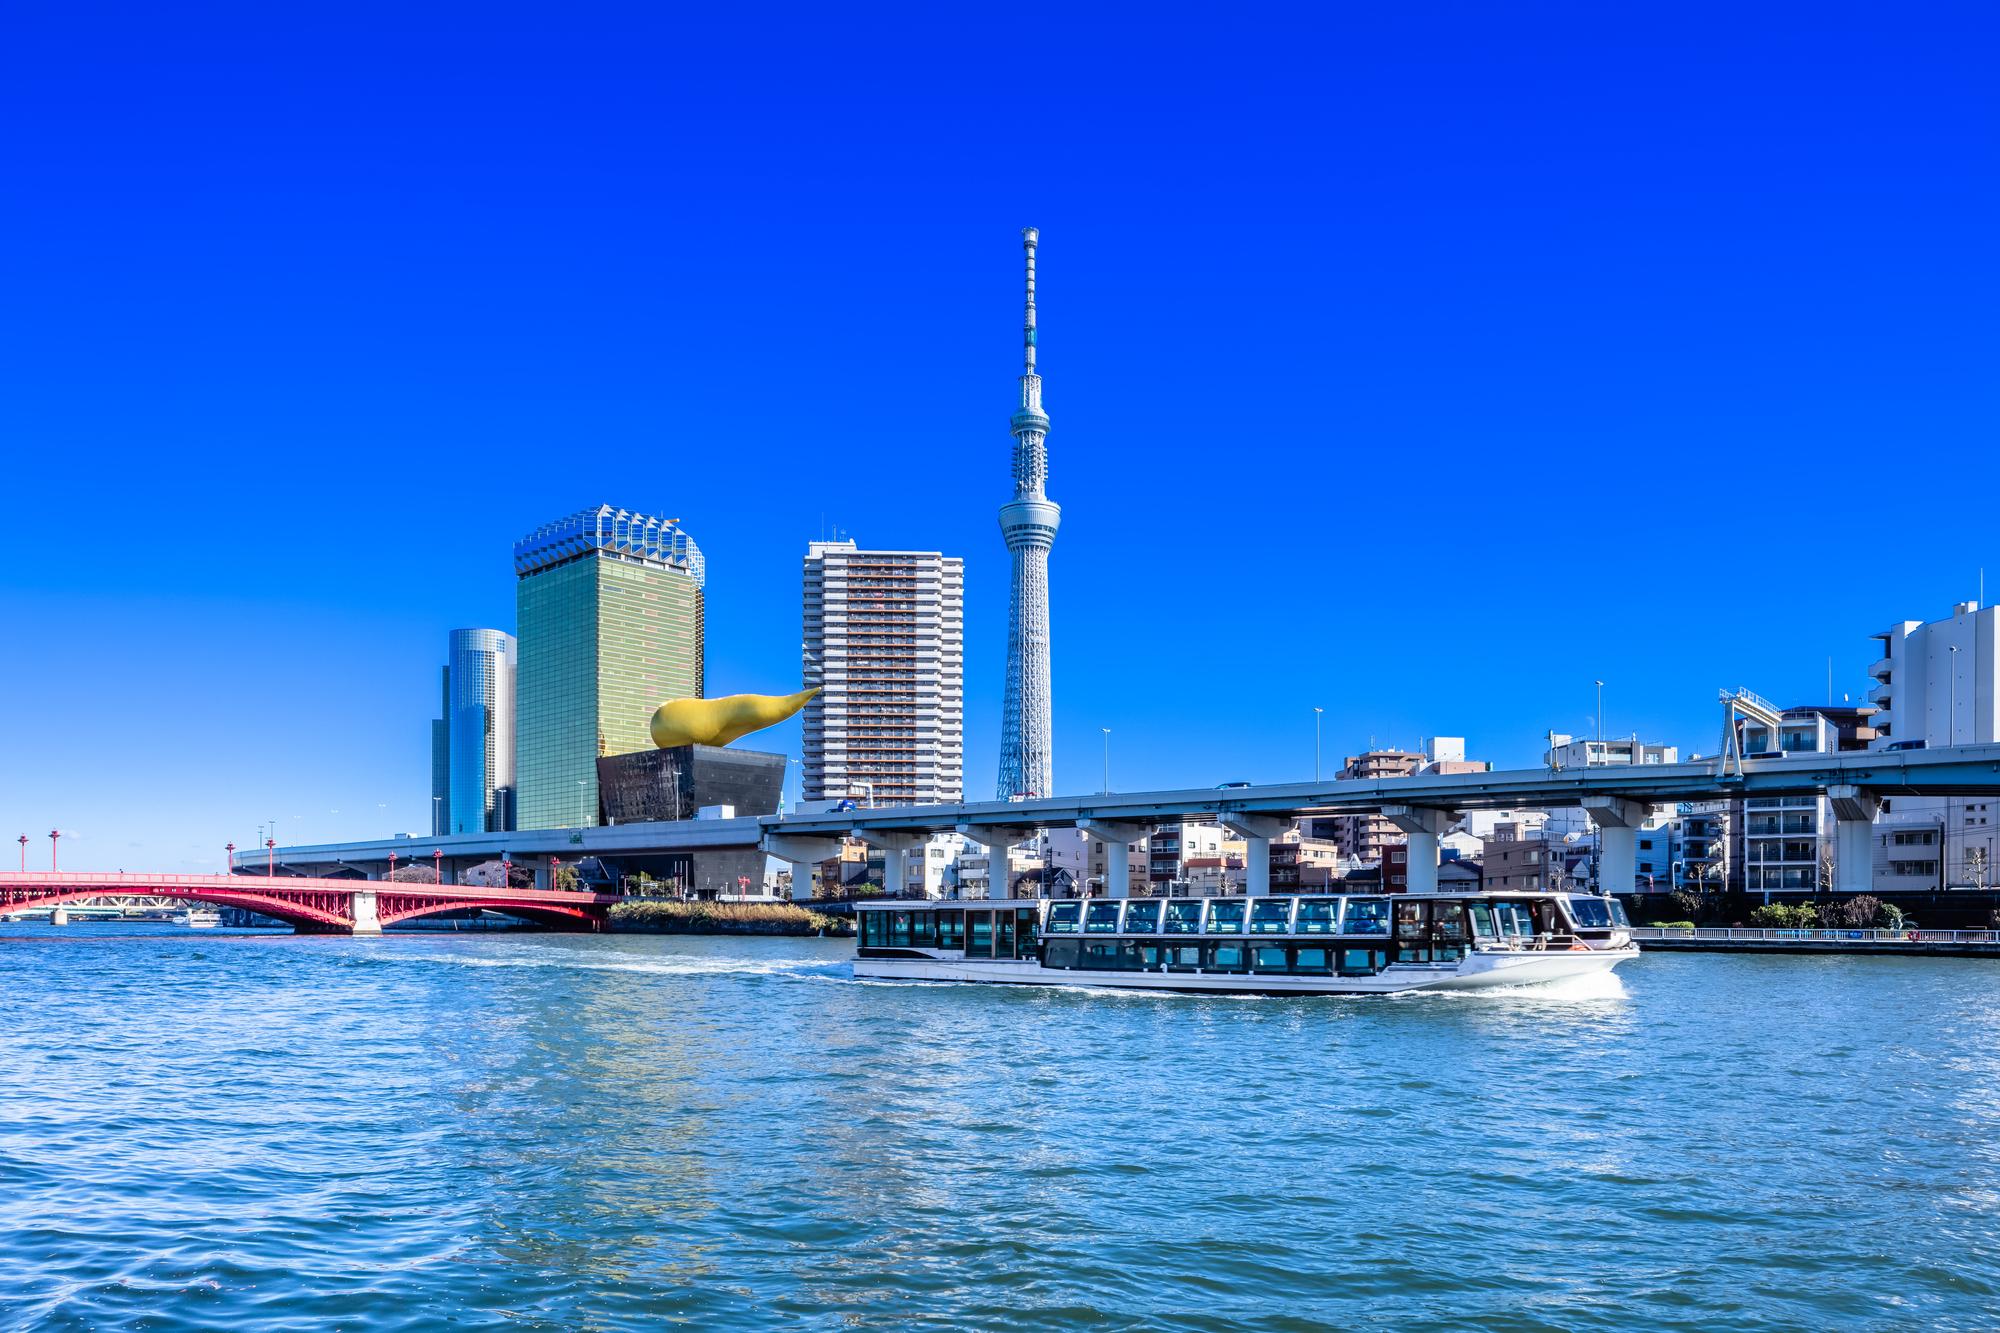 隅田川の運航クルーズとスカイツリー